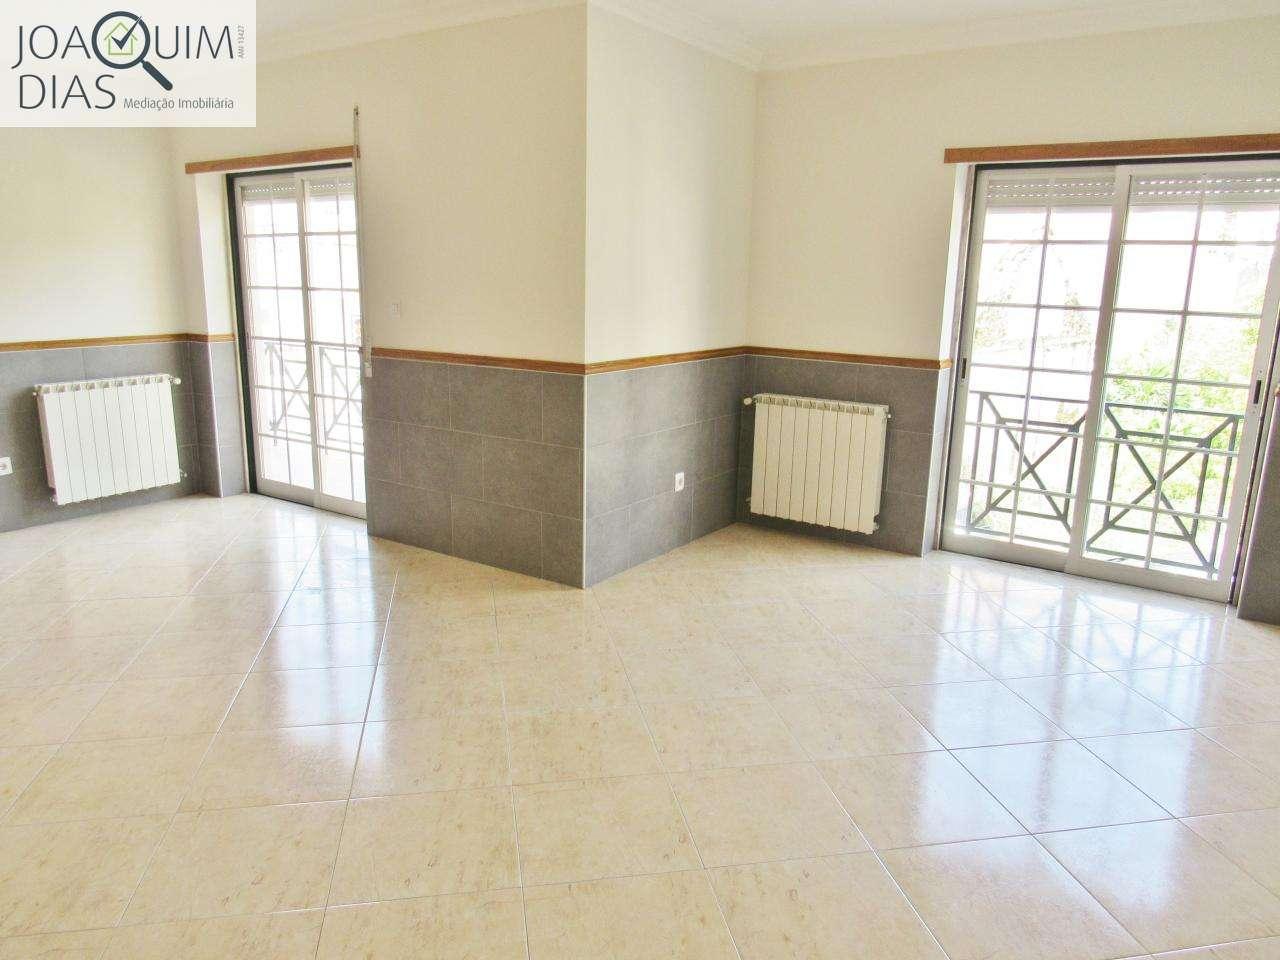 Apartamento para comprar, Malveira e São Miguel de Alcainça, Lisboa - Foto 14